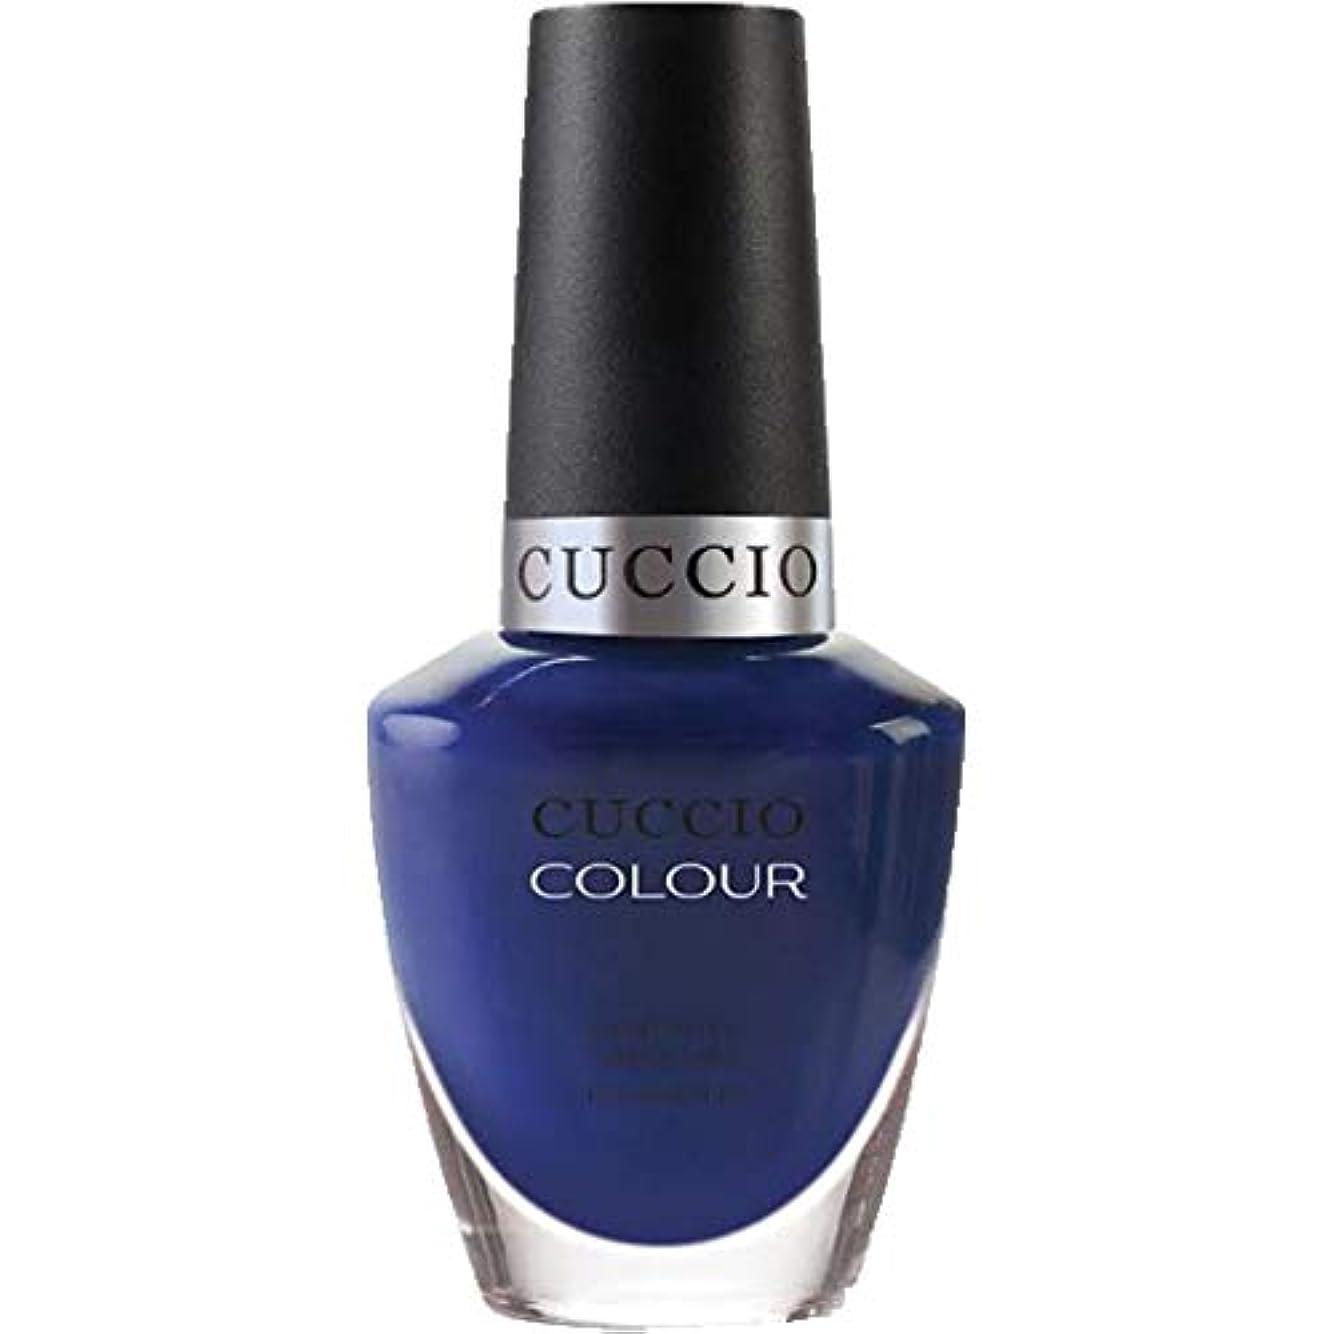 愛私たちのものピグマリオンCuccio Colour Gloss Lacquer - Lauren Blucall - 0.43oz / 13ml